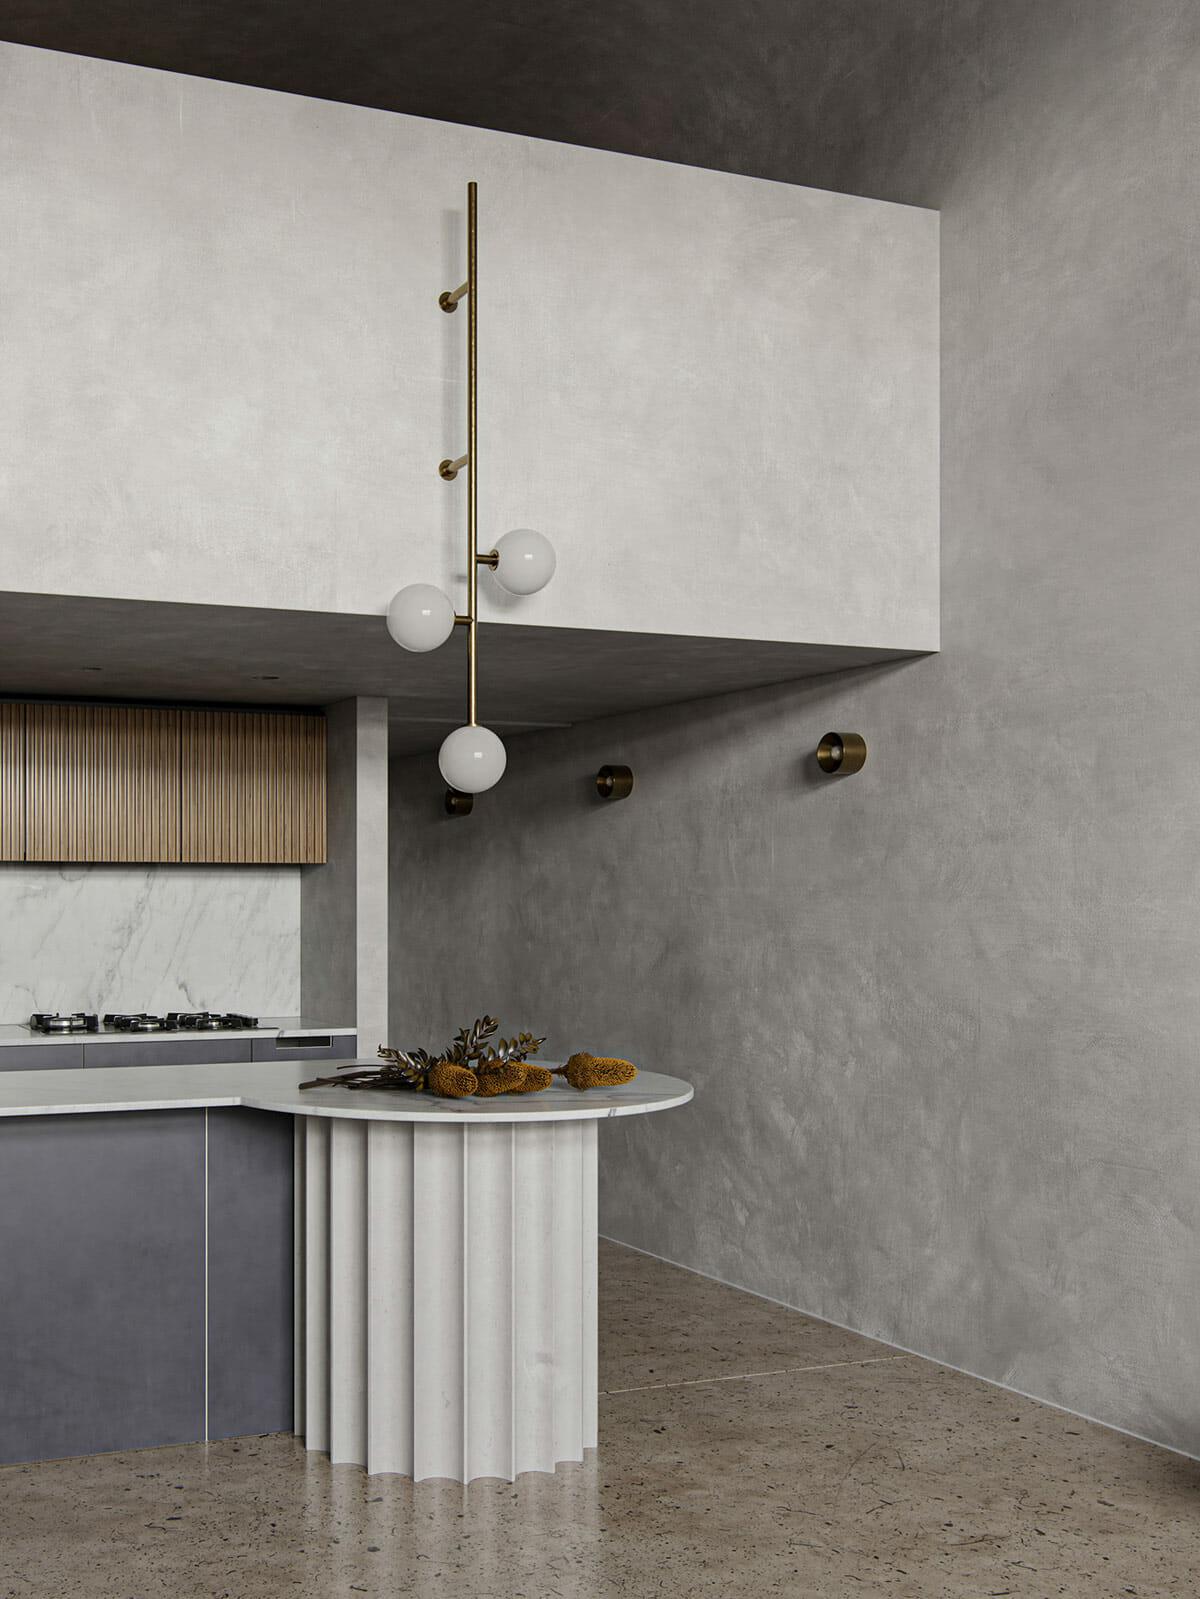 hình ảnh góp bếp trong căn hộ nhỏ với bàn đảo tròn màu ghi trắng, chân trụ góc cạnh độc đáo